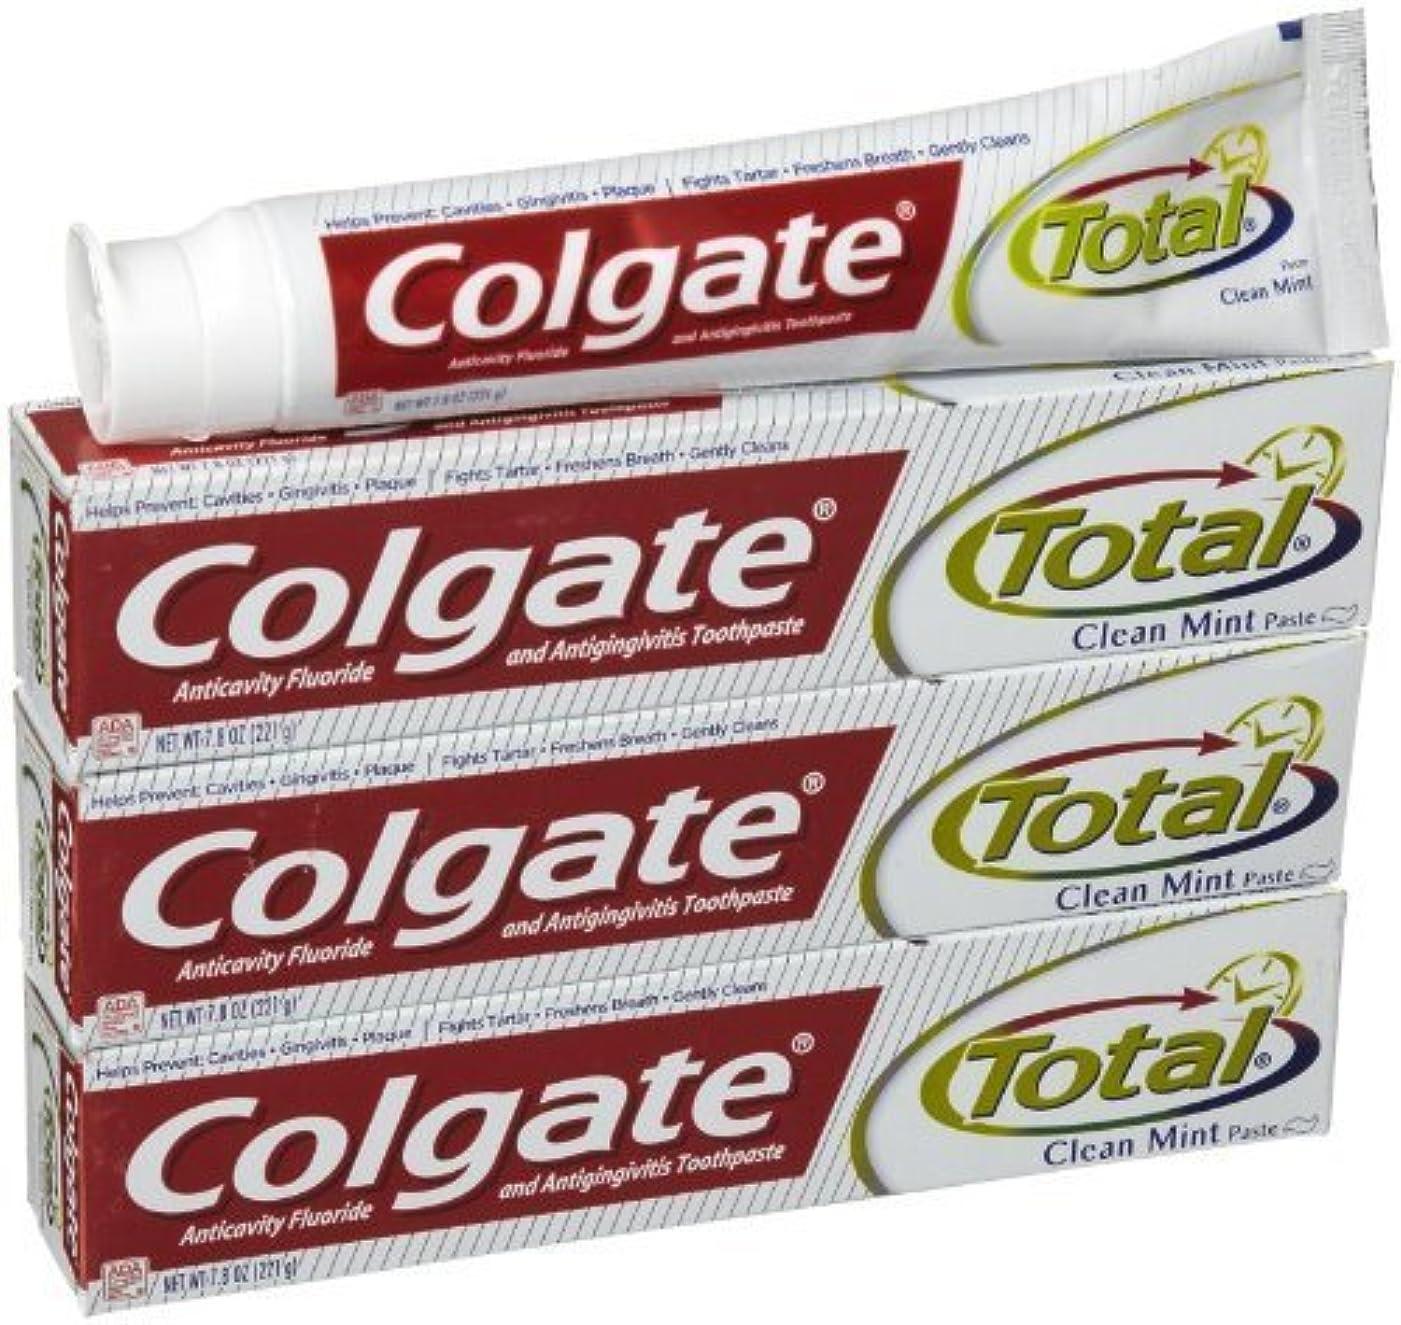 させるバングアセンブリコルゲート クリーンミント 歯磨き粉 7.8OZ-3個 Colgate Total Original Toothpast Clean mint